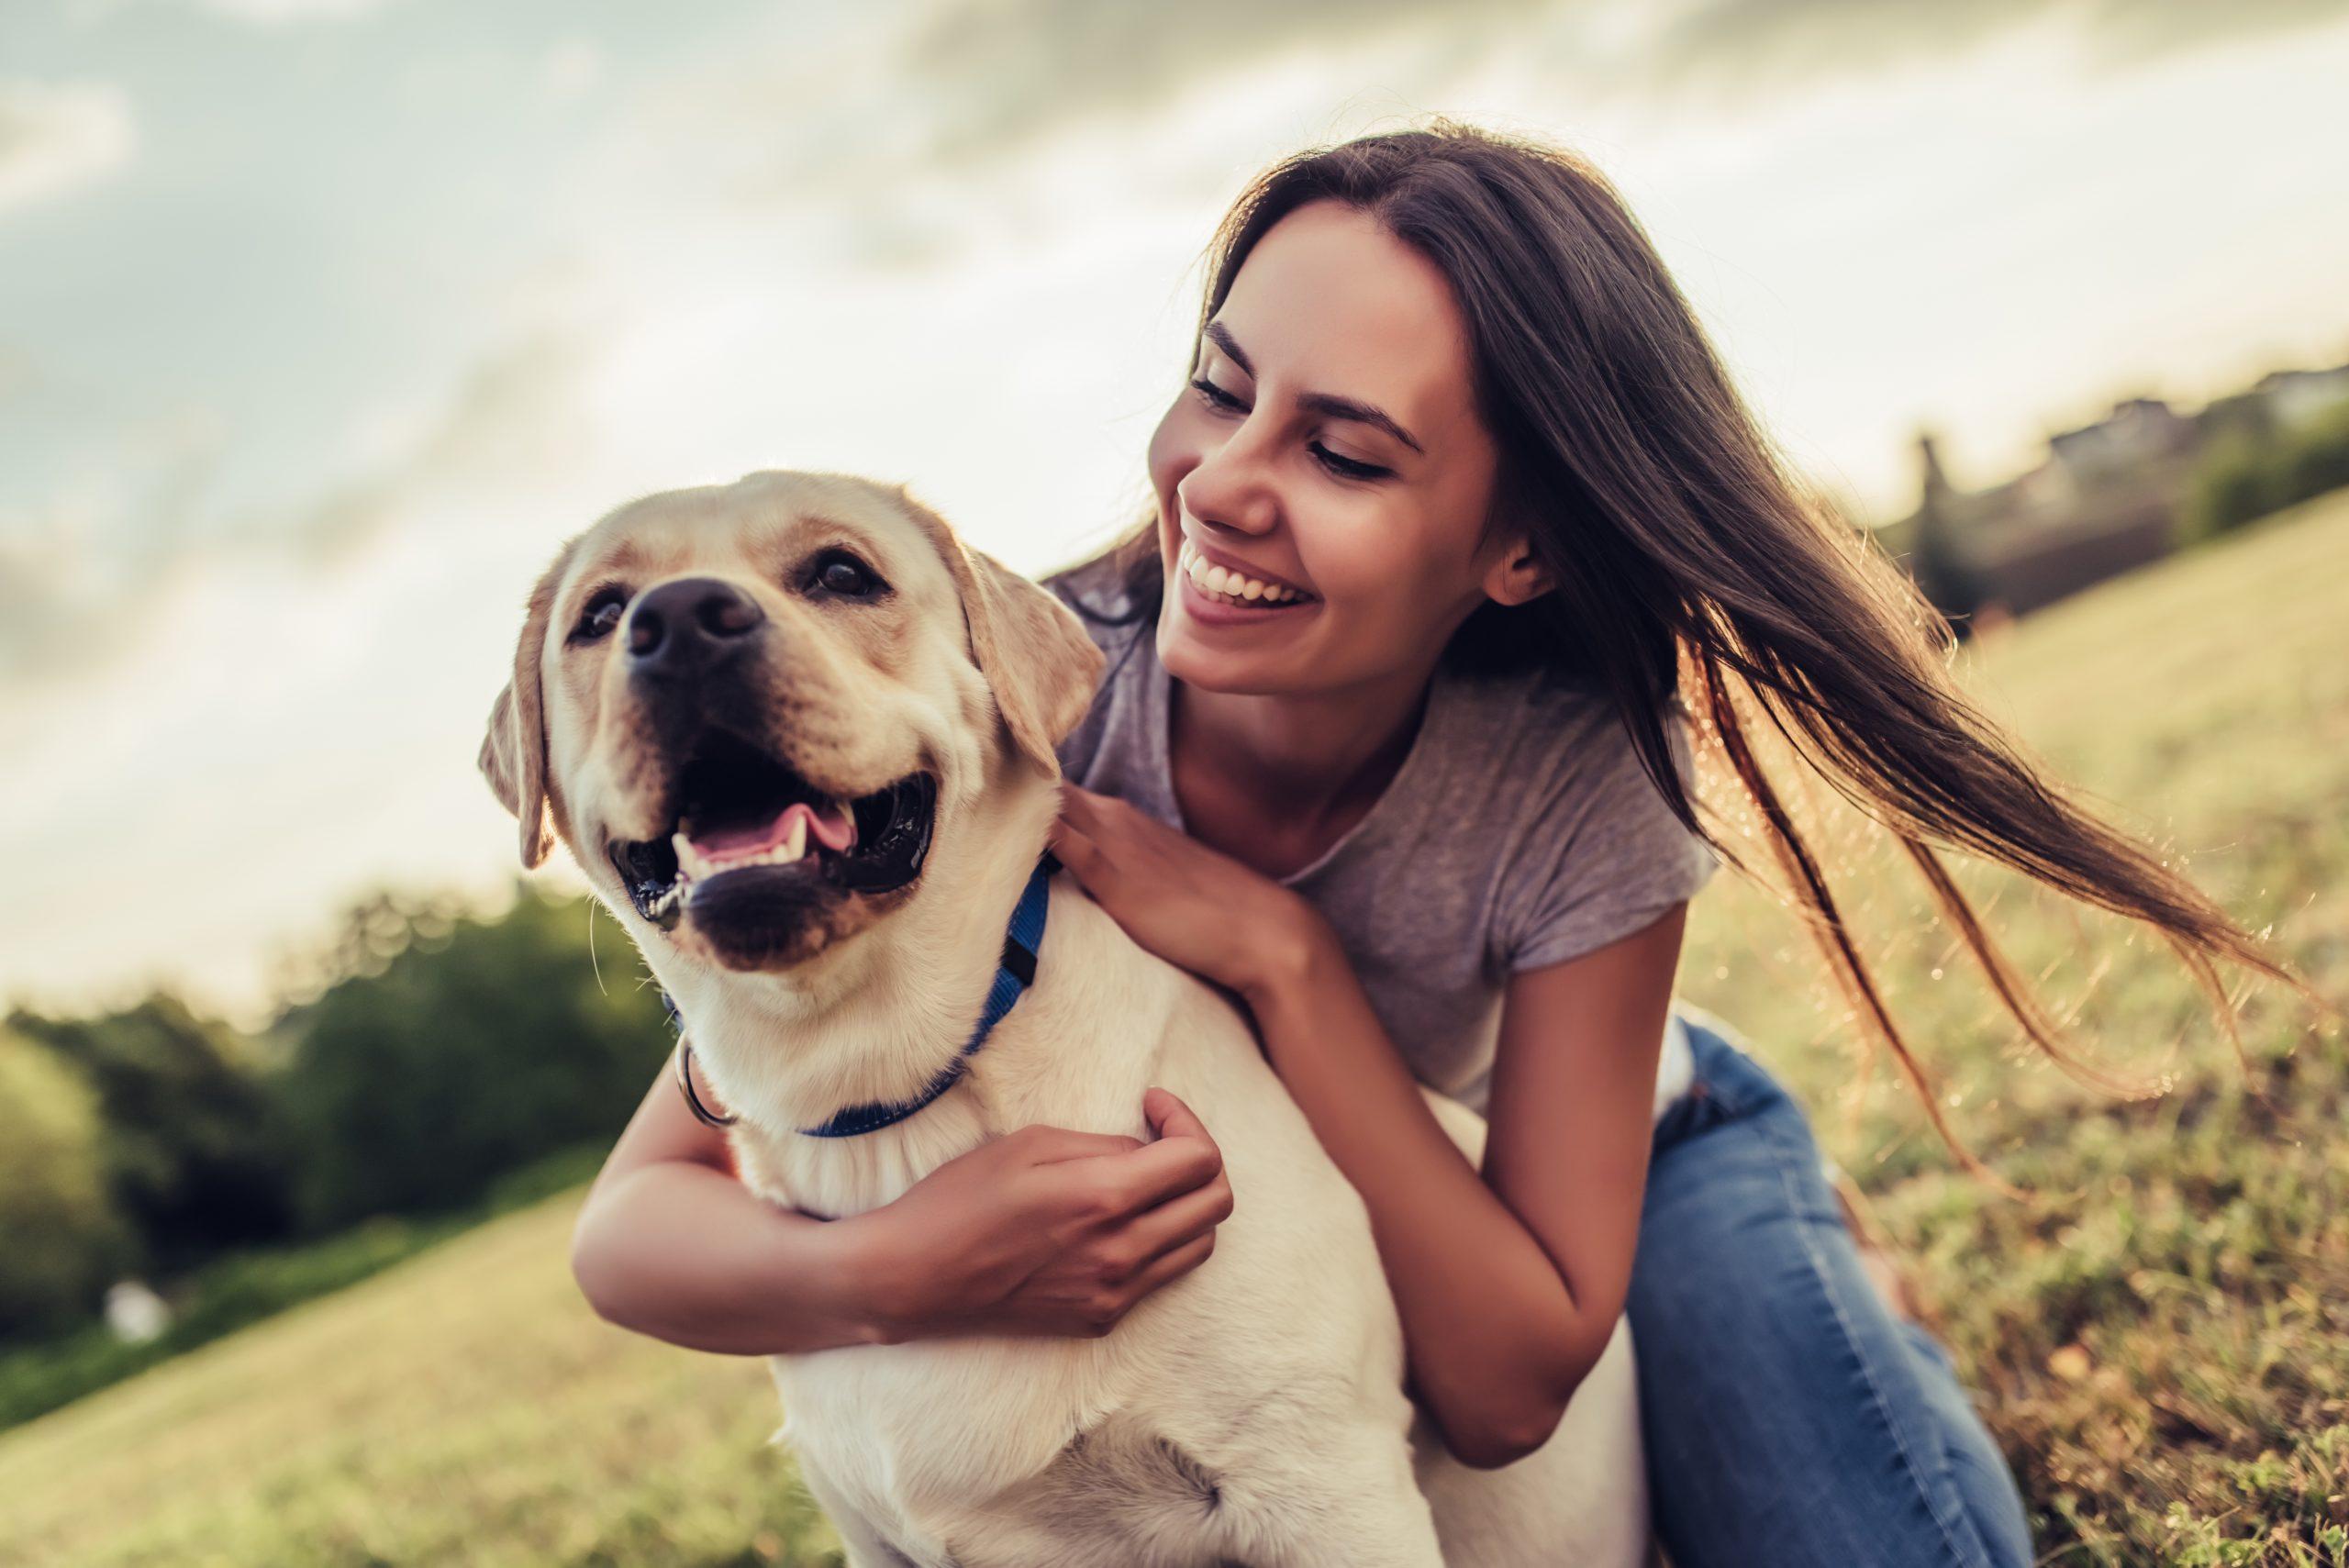 Los perros nos entienden… más que nosotros mismos